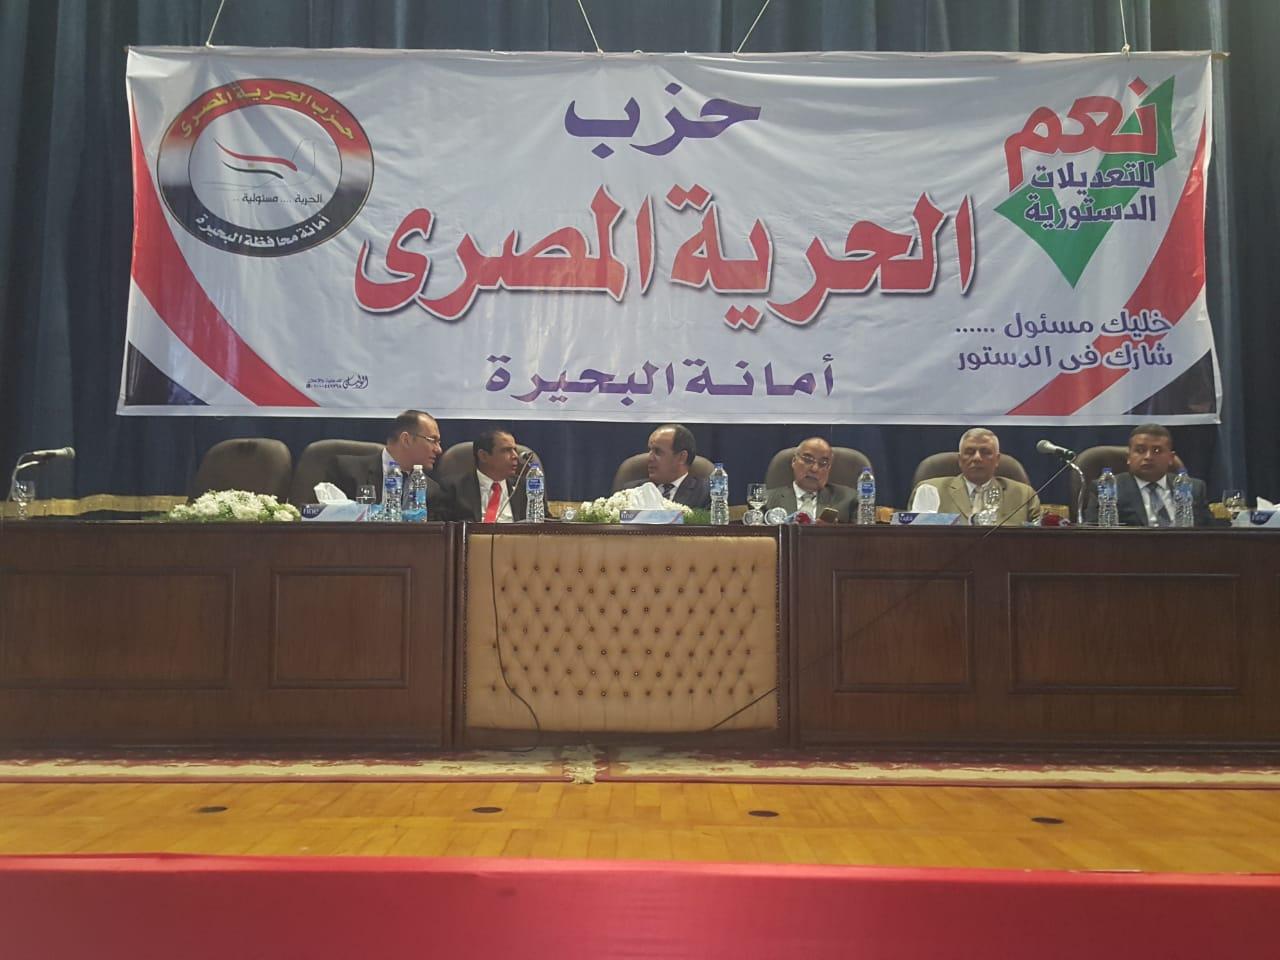 مؤتمر لحزب الحربة لدعم التعديلات الدستورية